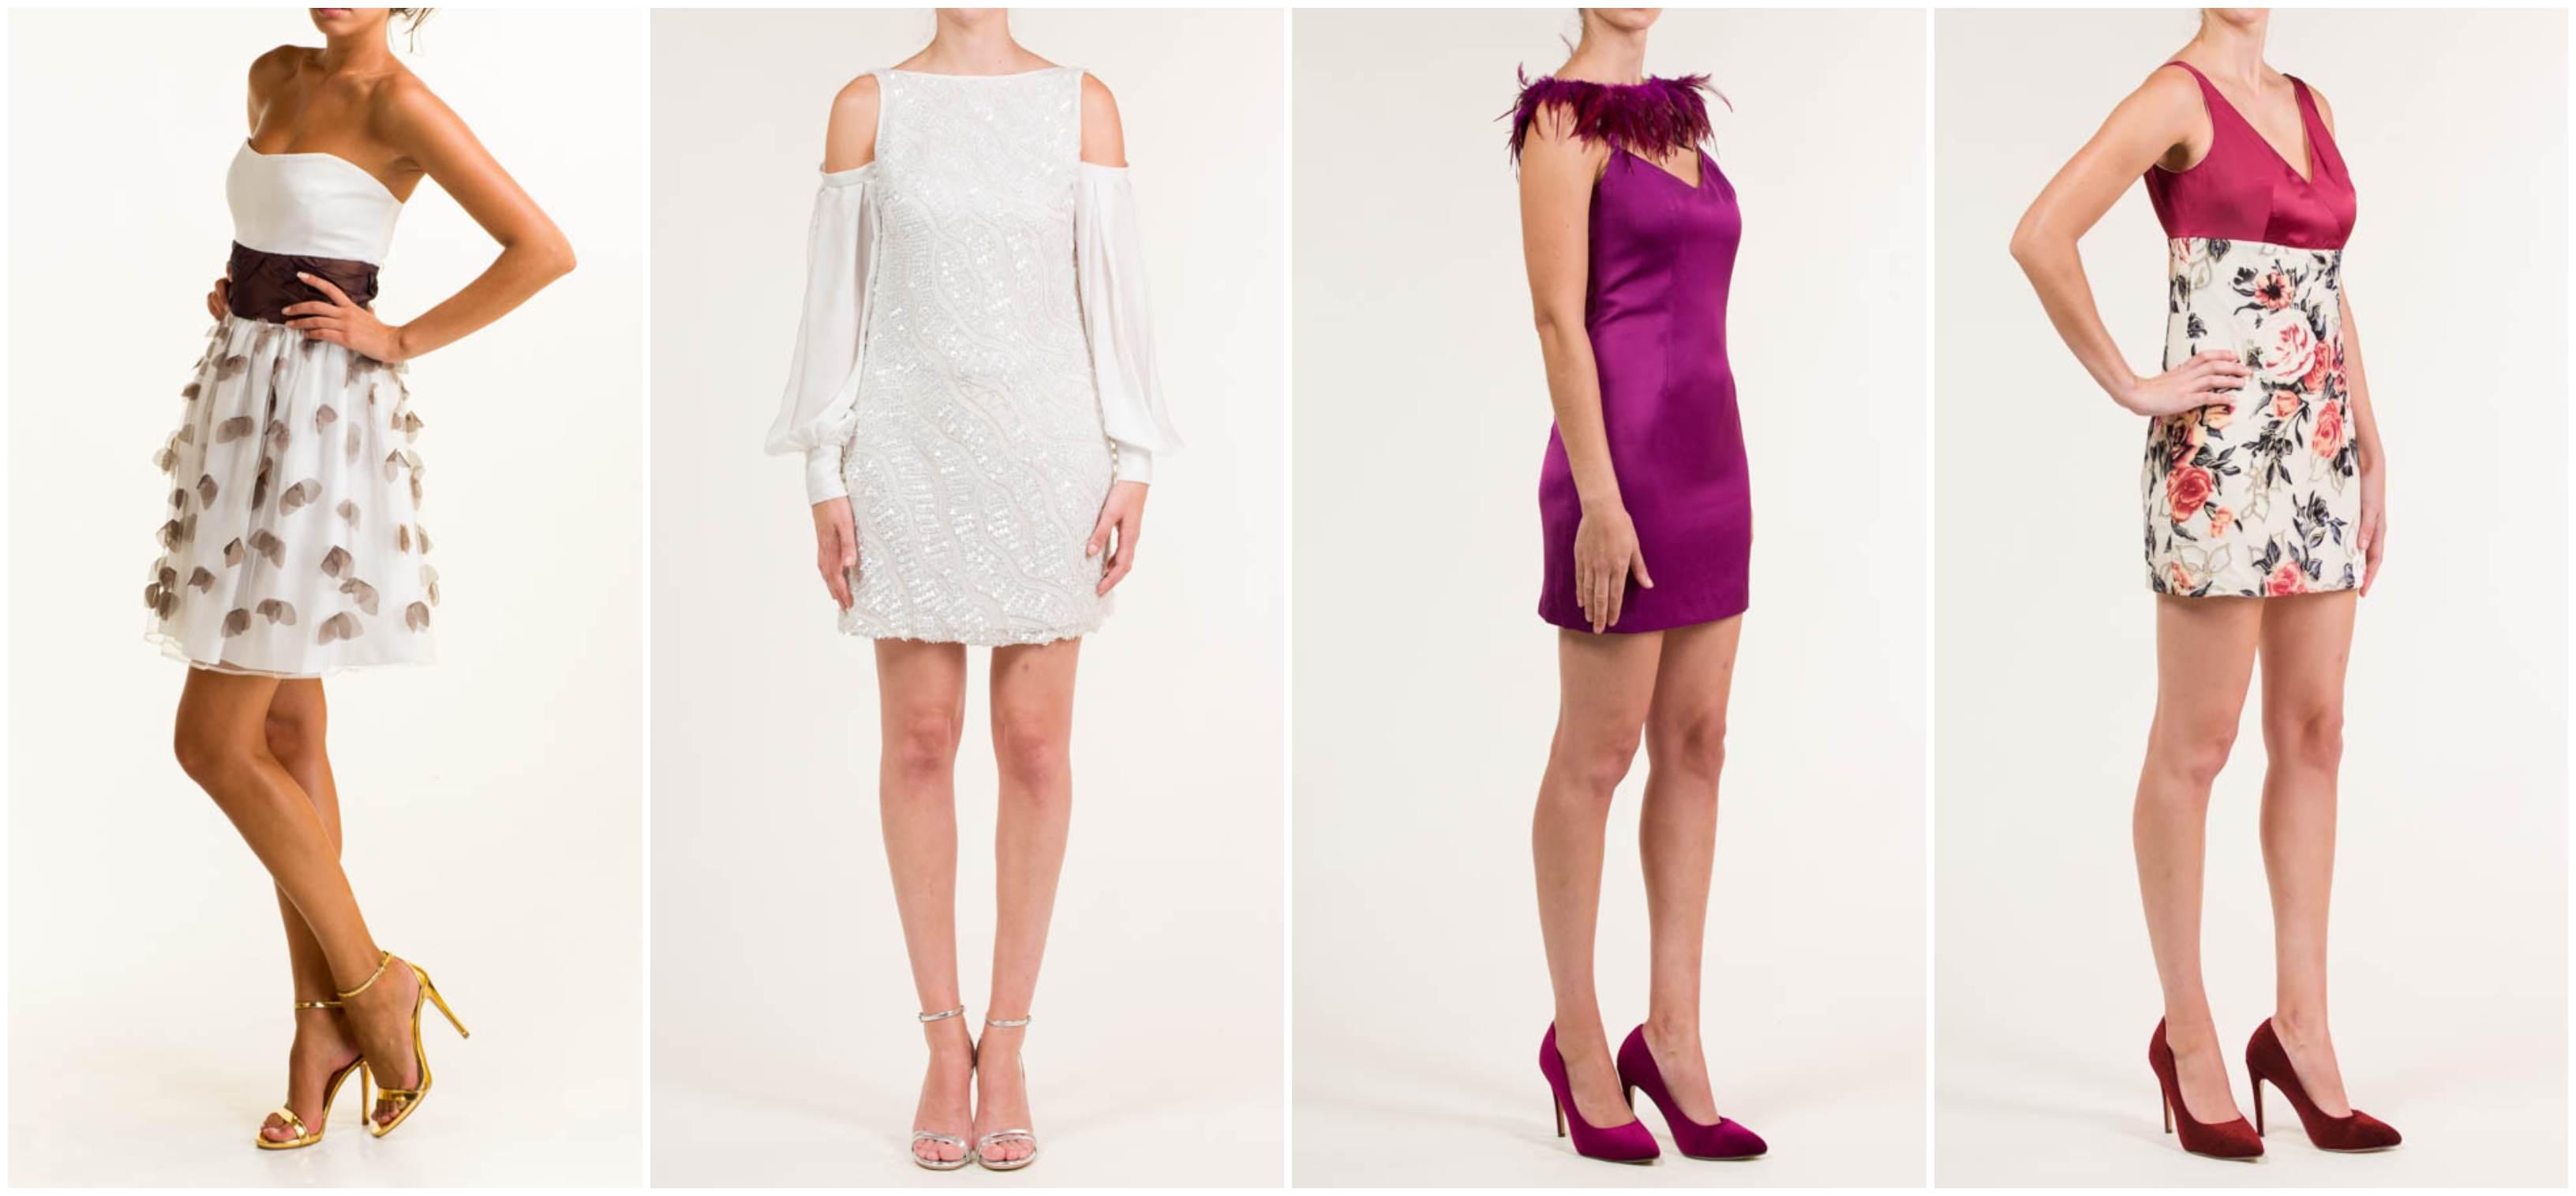 vestidos cortos alta costura javier barrio couture - Los mejores vestidos cortos alta costura para tus eventos de día